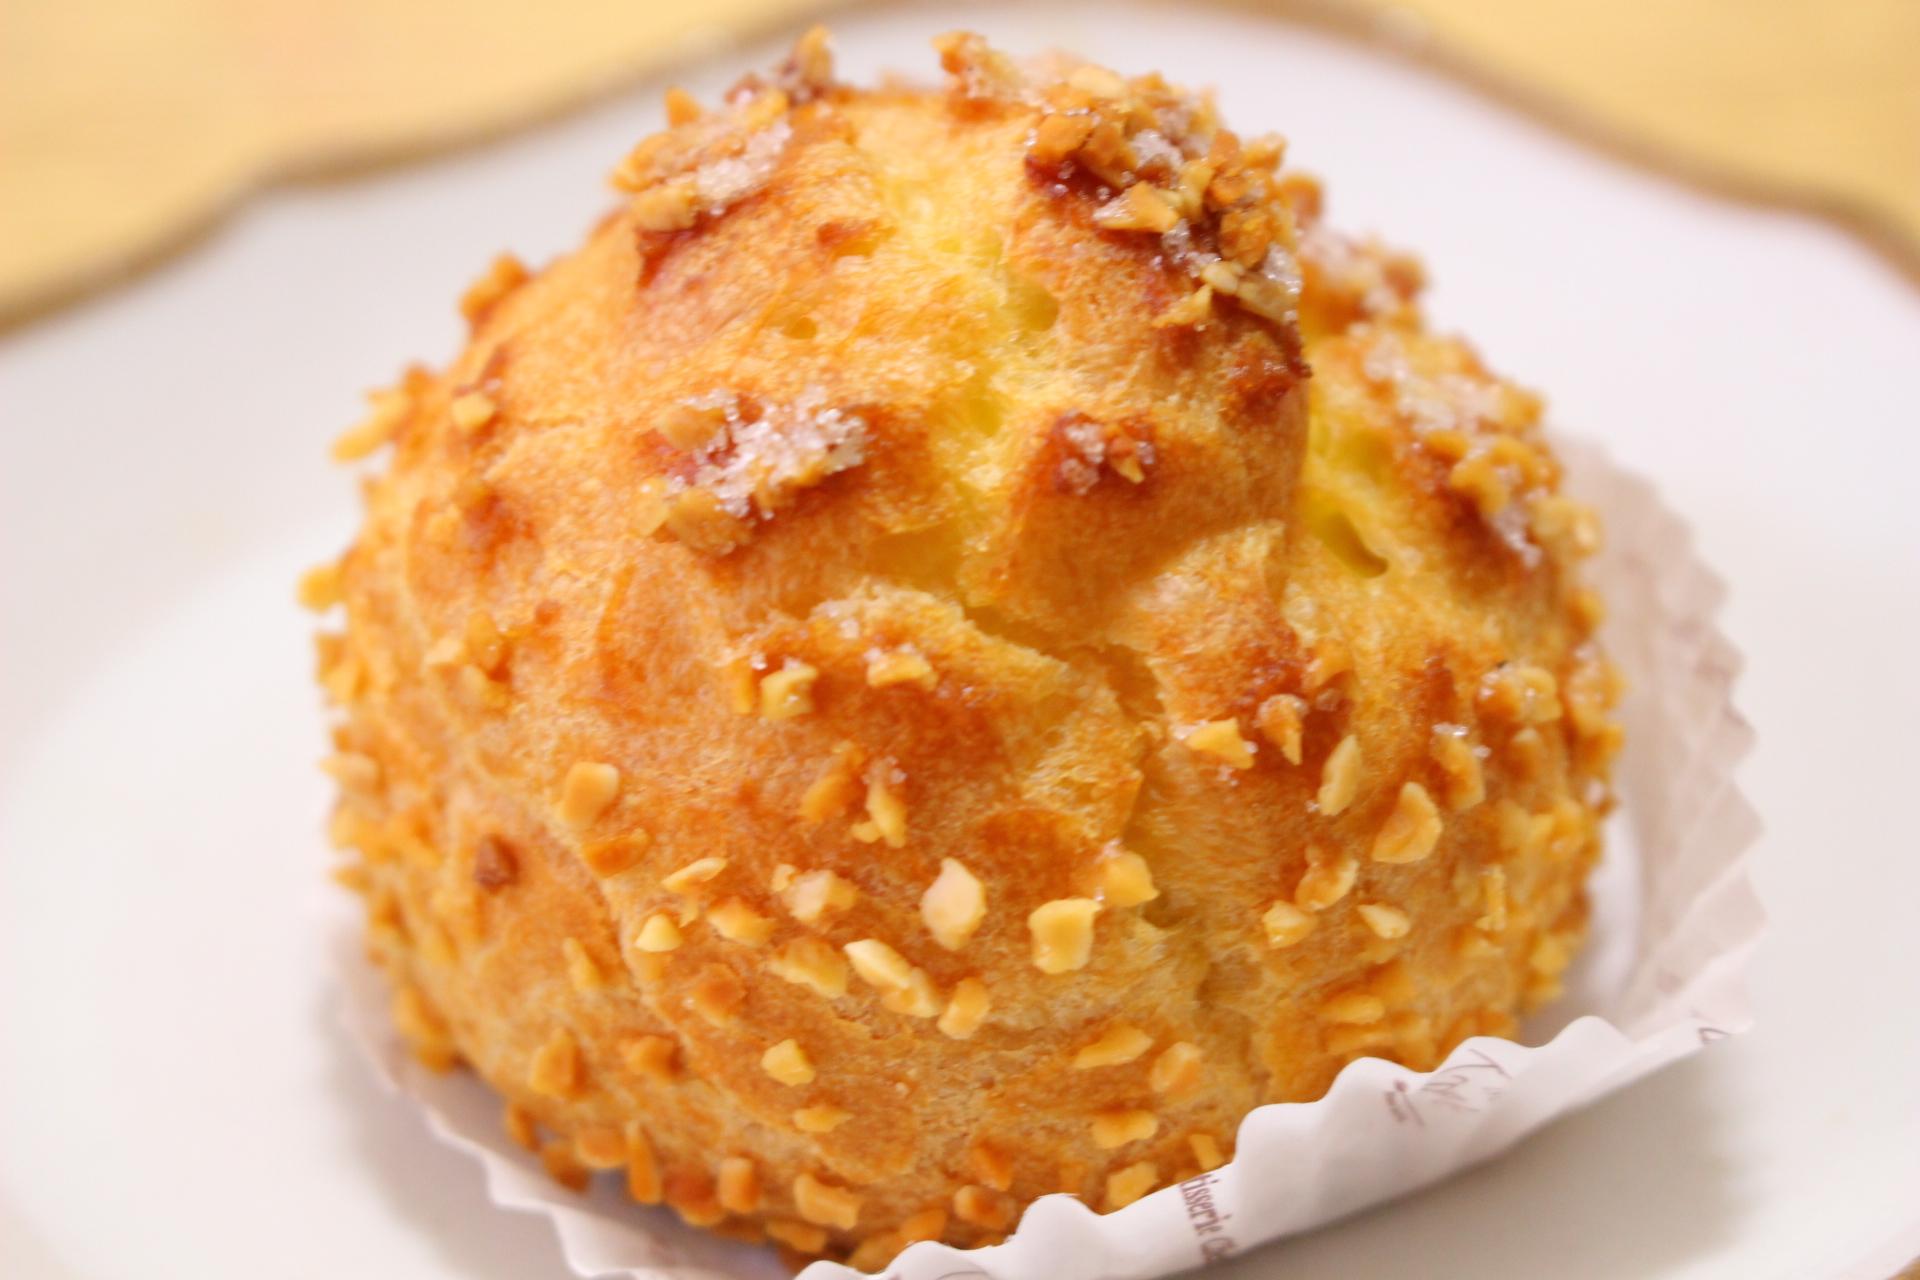 【シュークリーム】熊本で人気!美味しいから食べてみて@10店舗